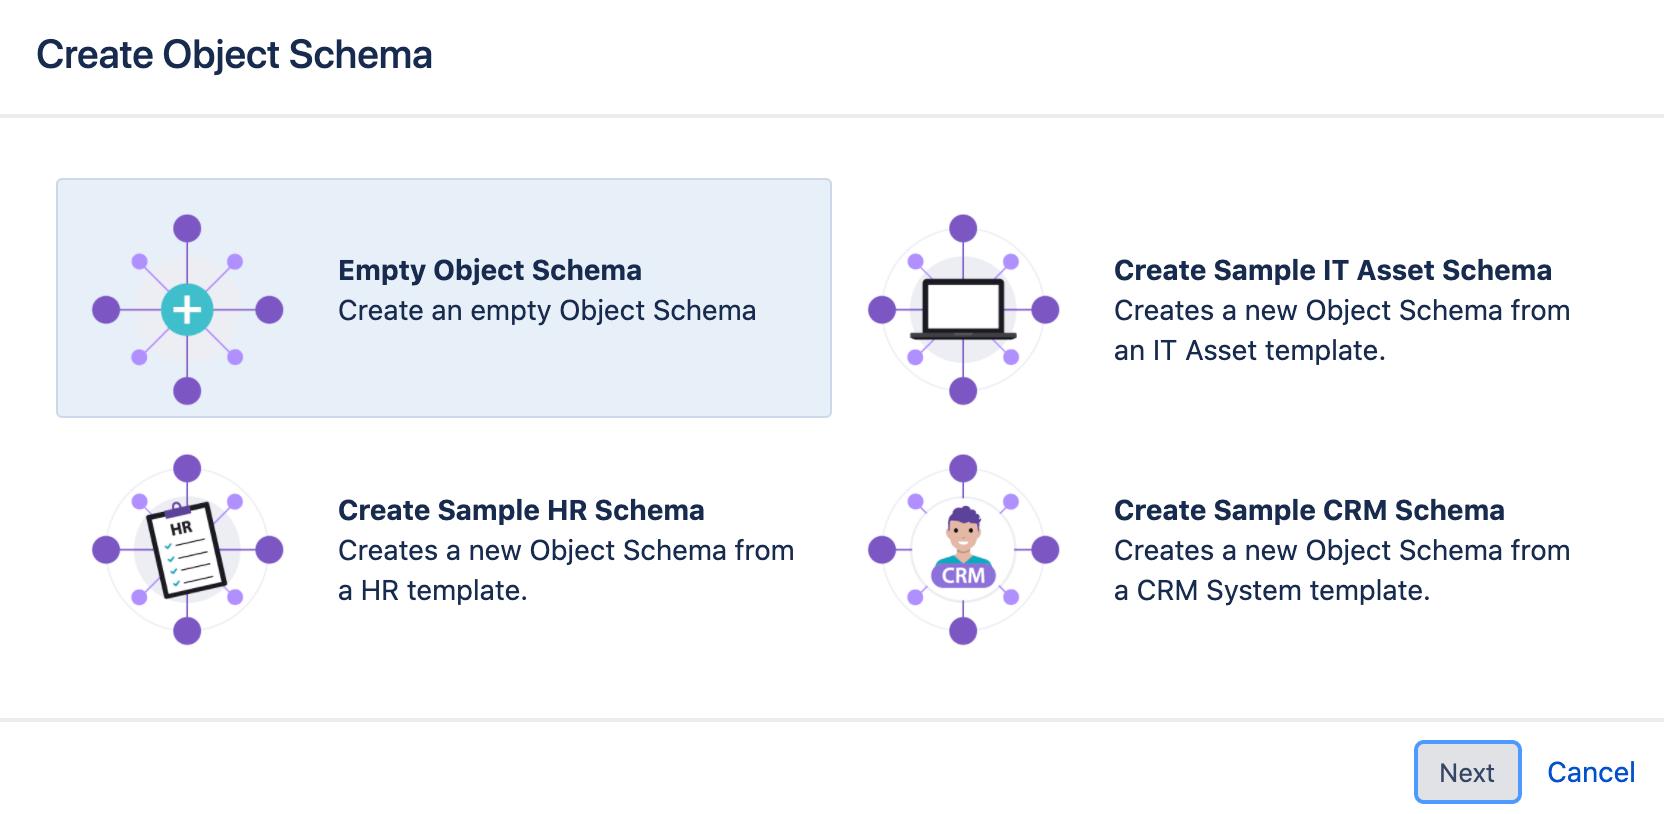 """Formular für das Erstellen eines Objektschemas mit den Optionen """"Leeres Schema"""", """"IT-Asset-Schema"""", """"HR-Schema"""" und """"CRM-Schema""""."""